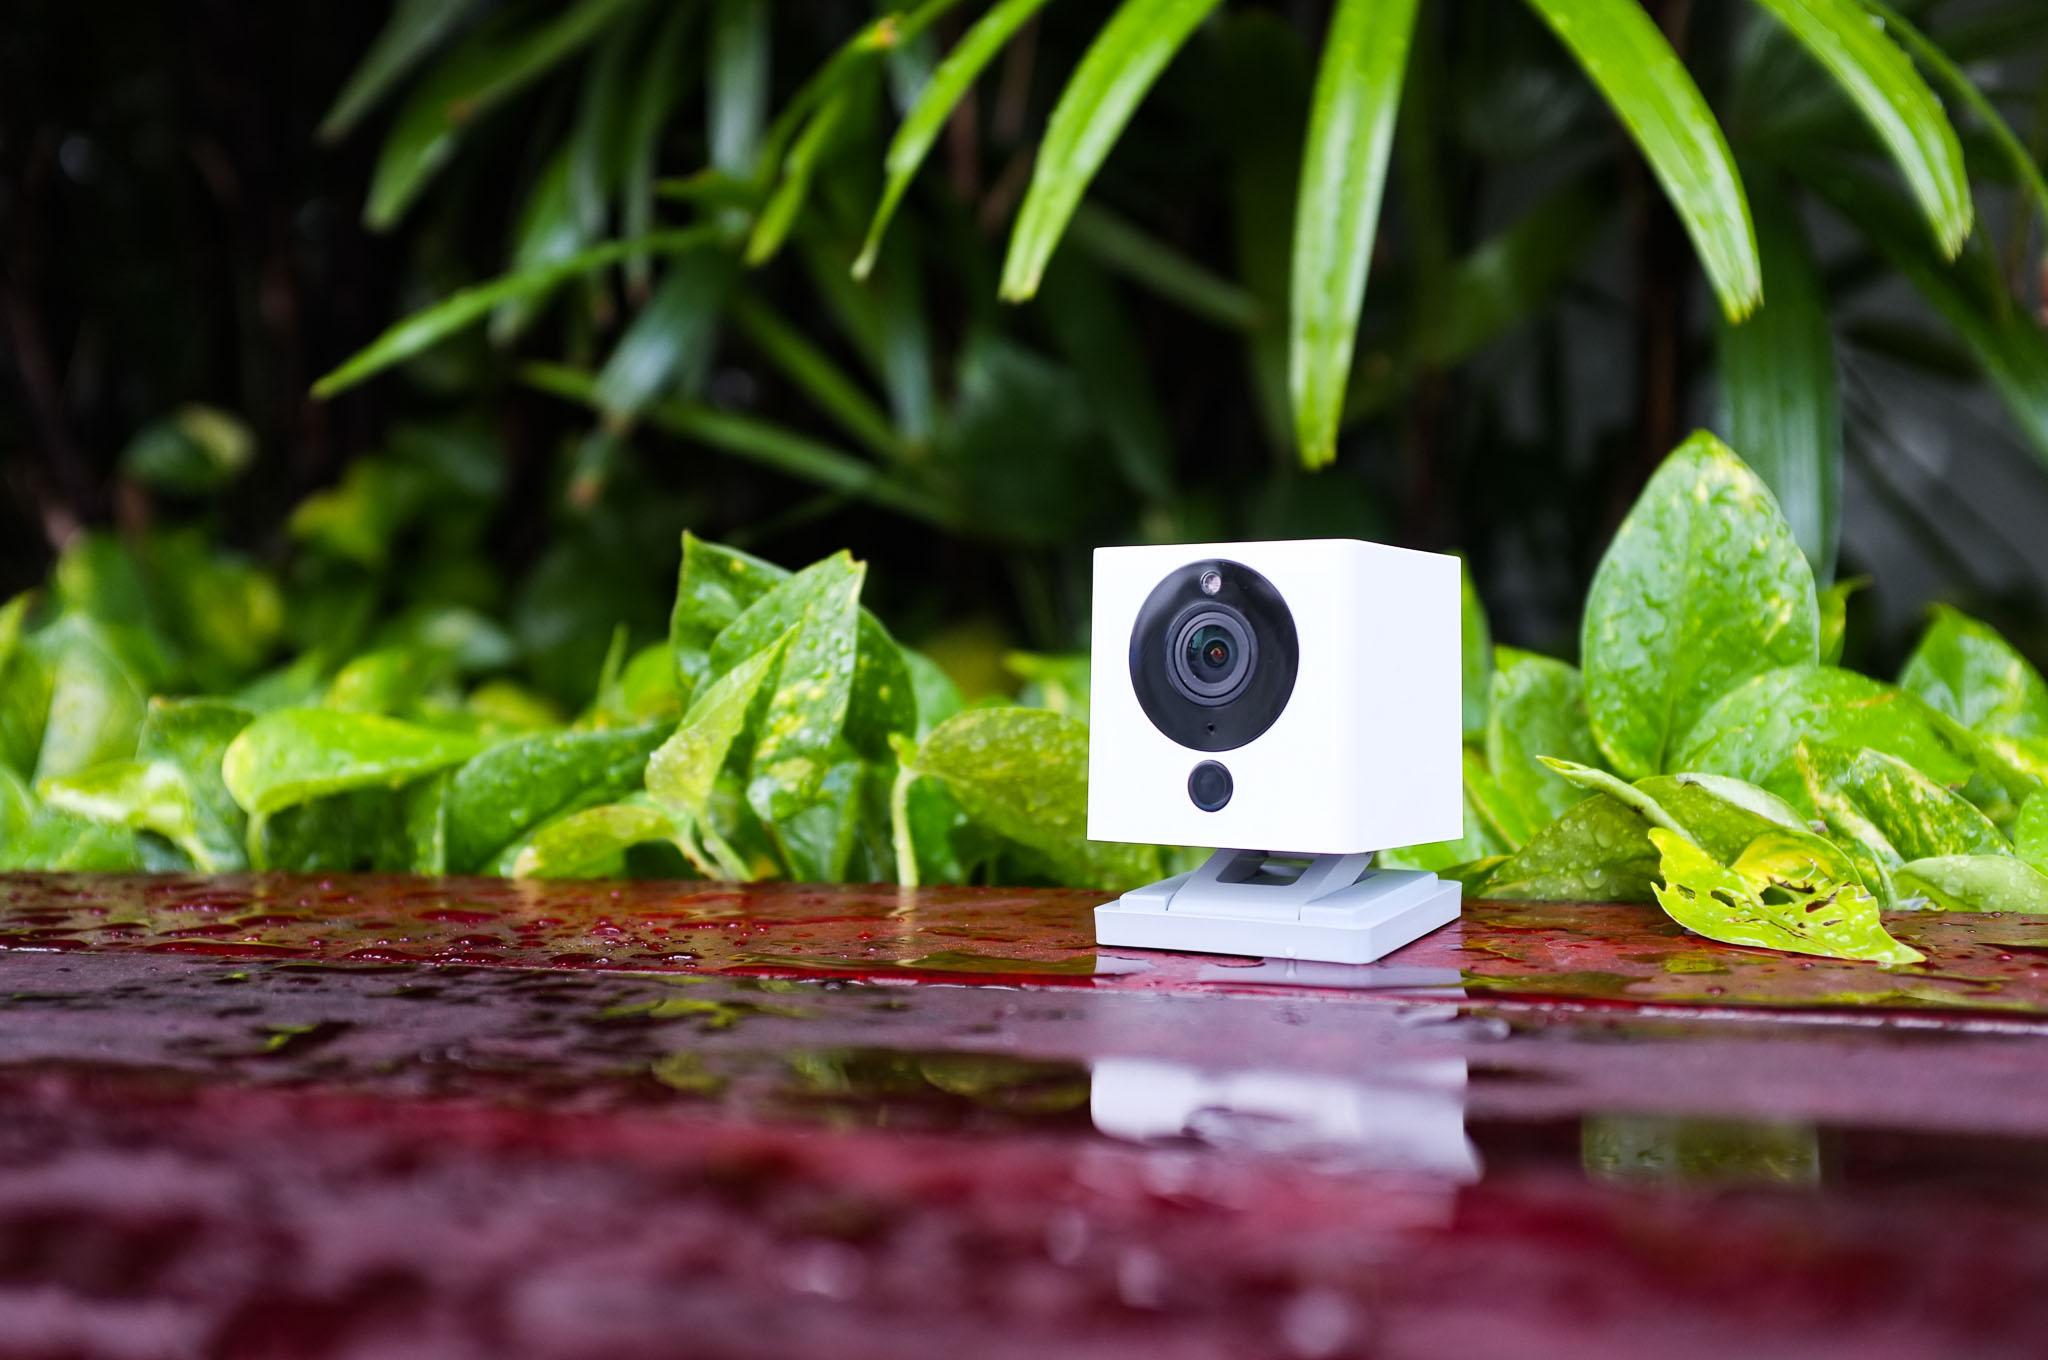 4005612_Tinhte-xiaomi-mini-square-camera-5.jpg